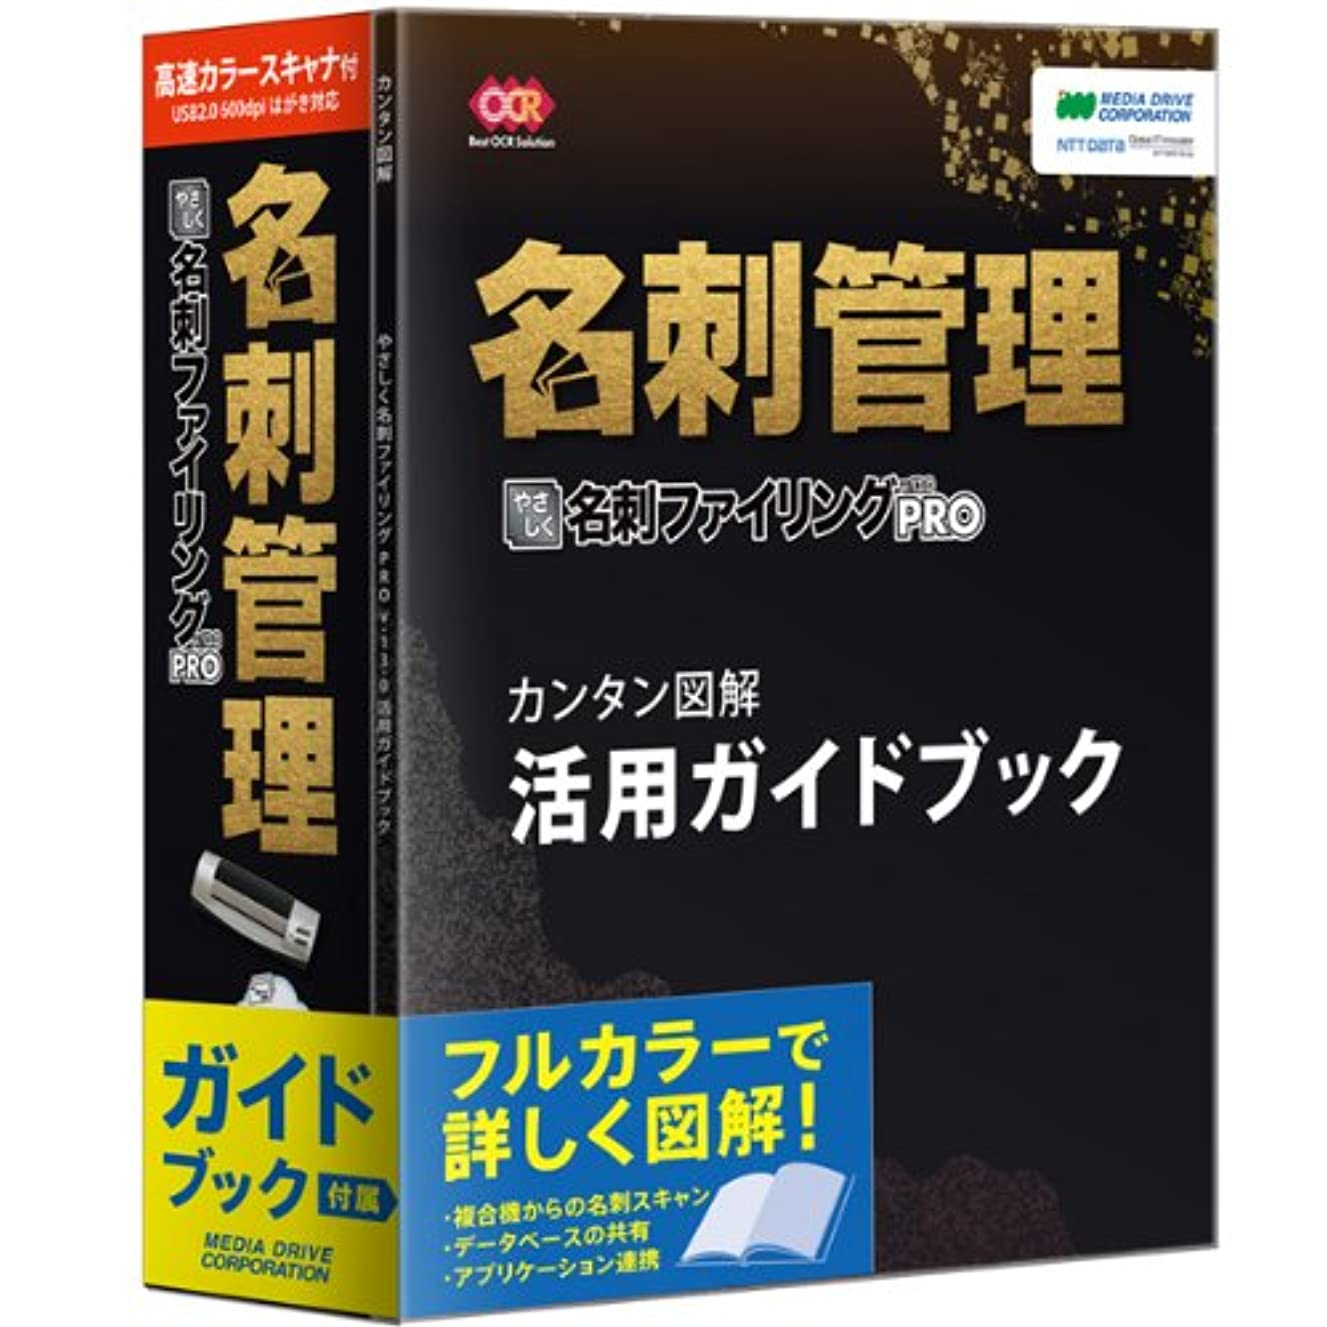 編集者無実本当にやさしく名刺ファイリング PRO v.13.0 活用ガイドブック付 高速カラースキャナ付